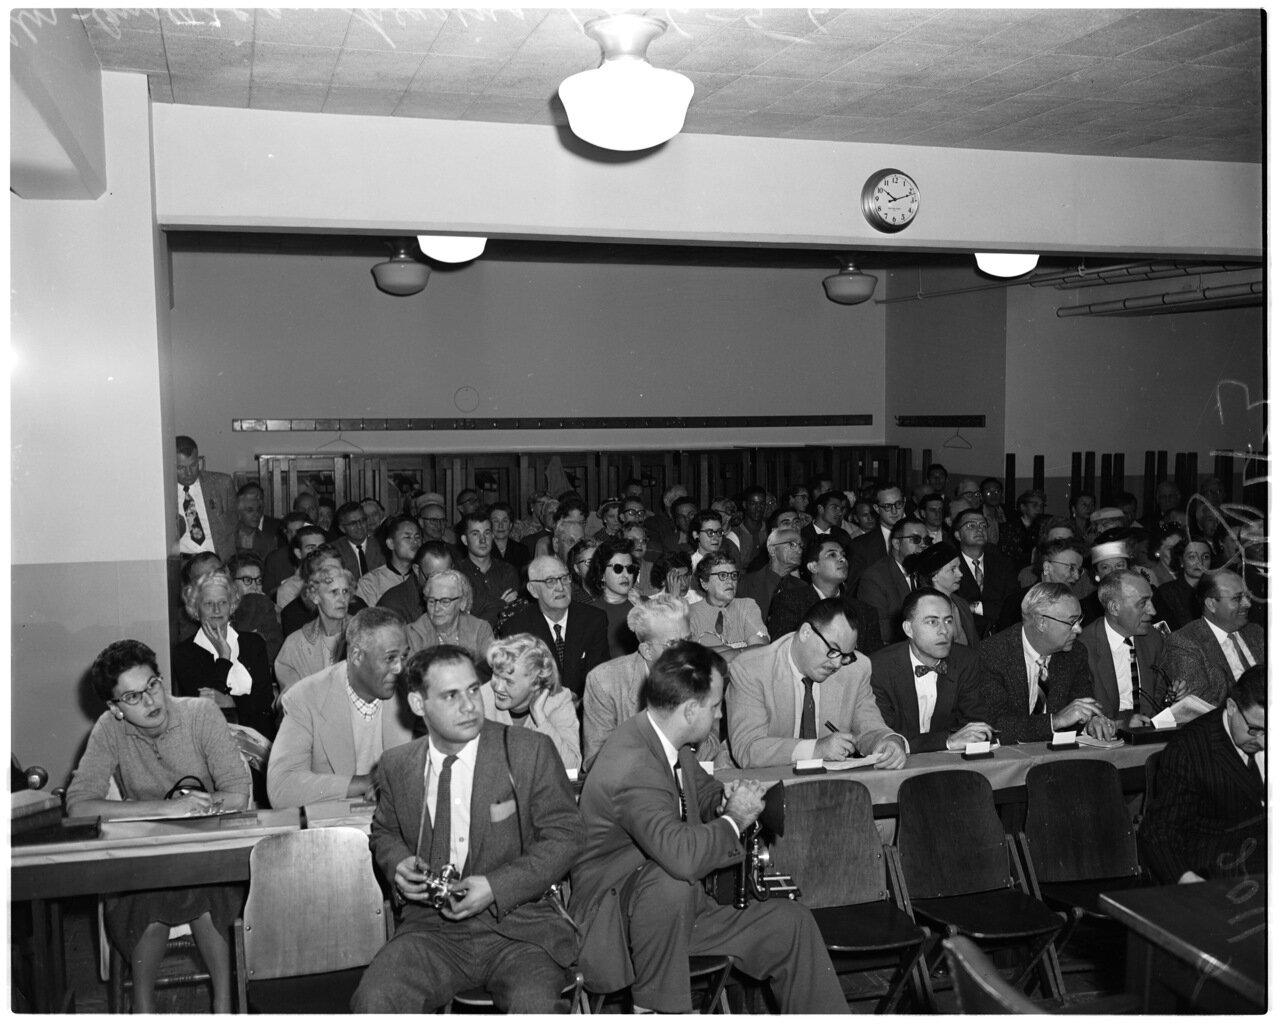 1956. 6 декабря. Комиссия по расследованию антиамериканской деятельности. Публика в зале